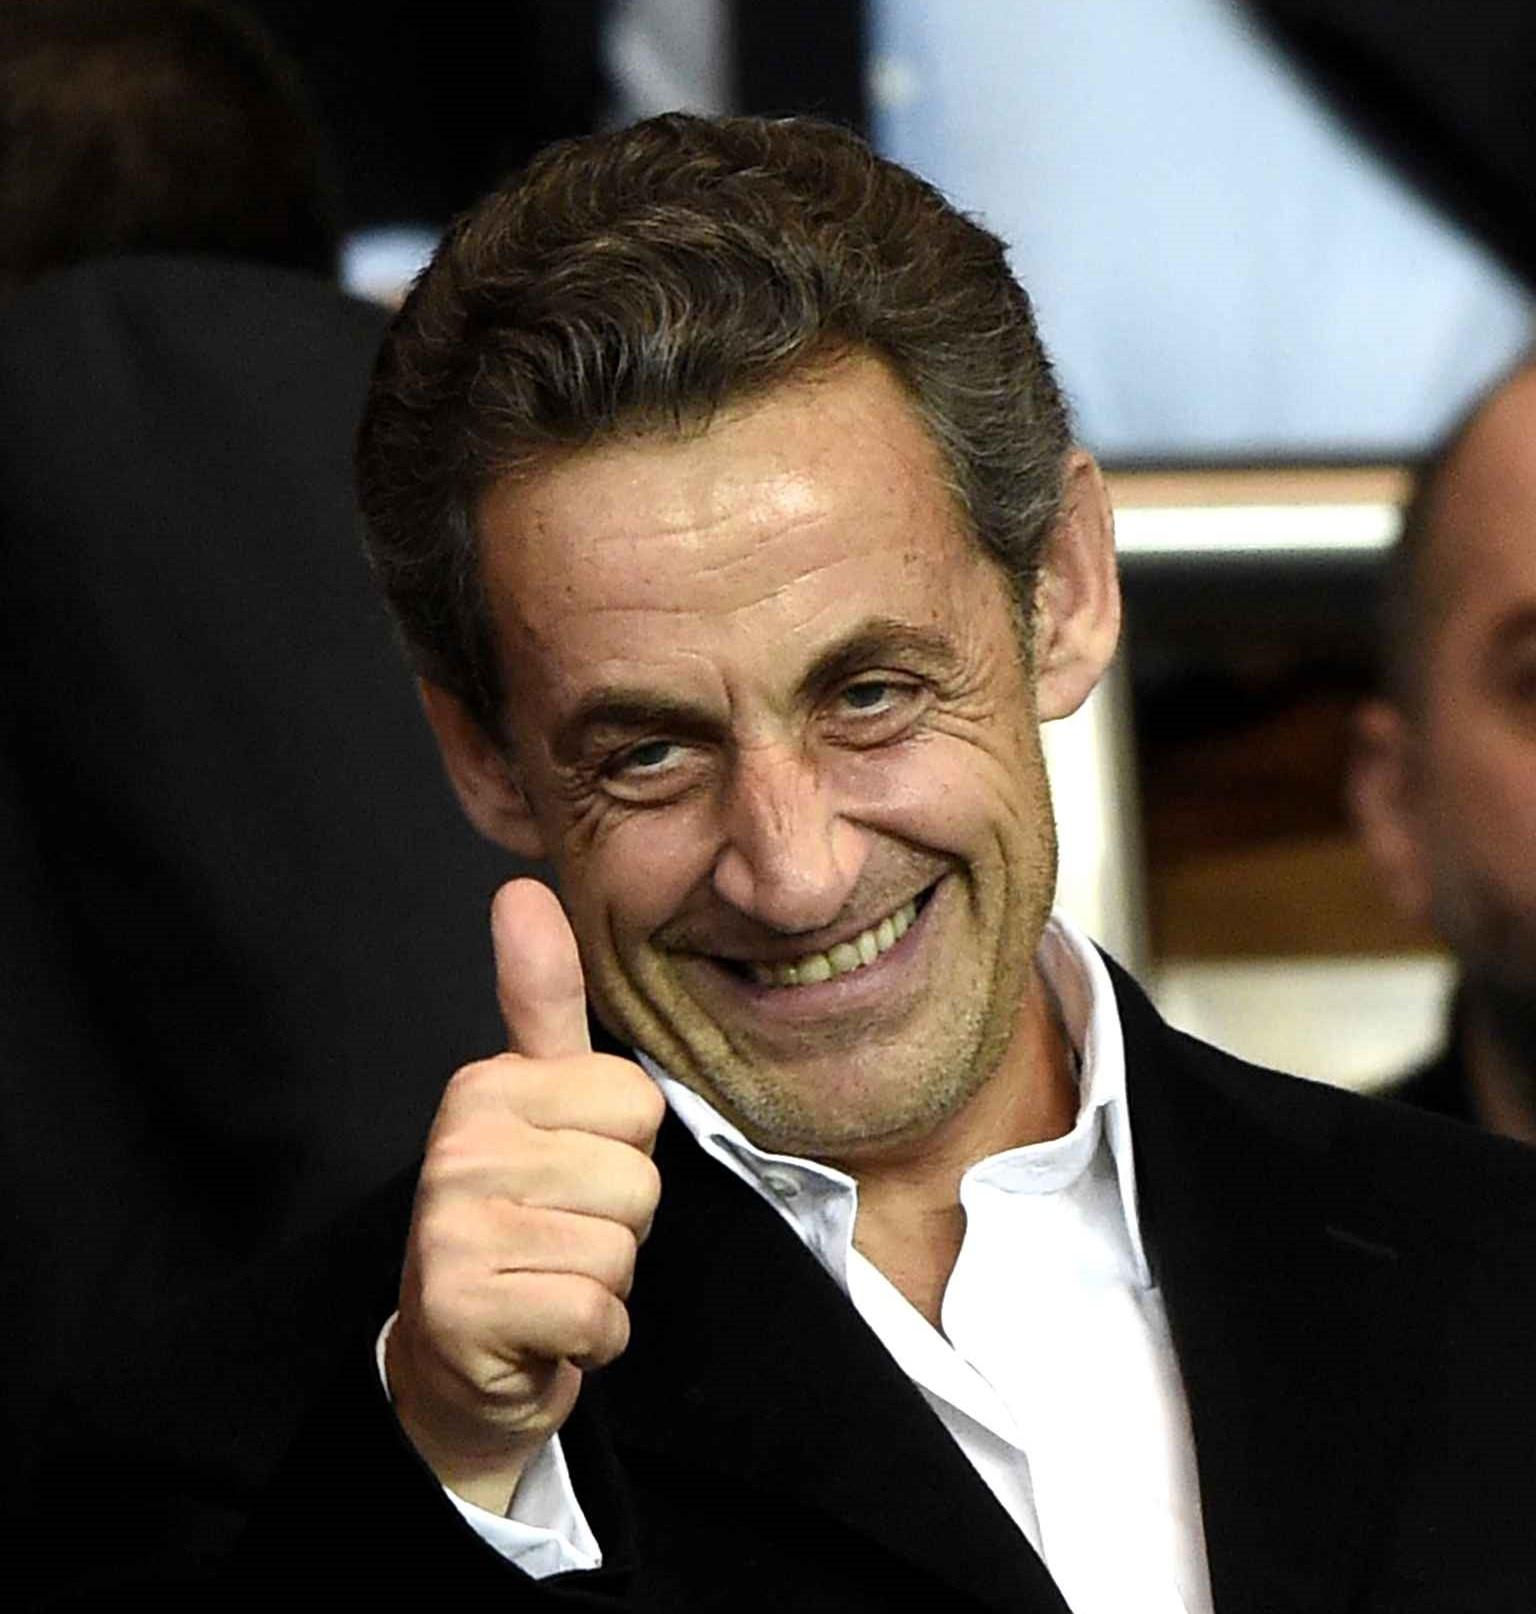 former-french-president-nicolas-sarkozy-4e2d-diaporama